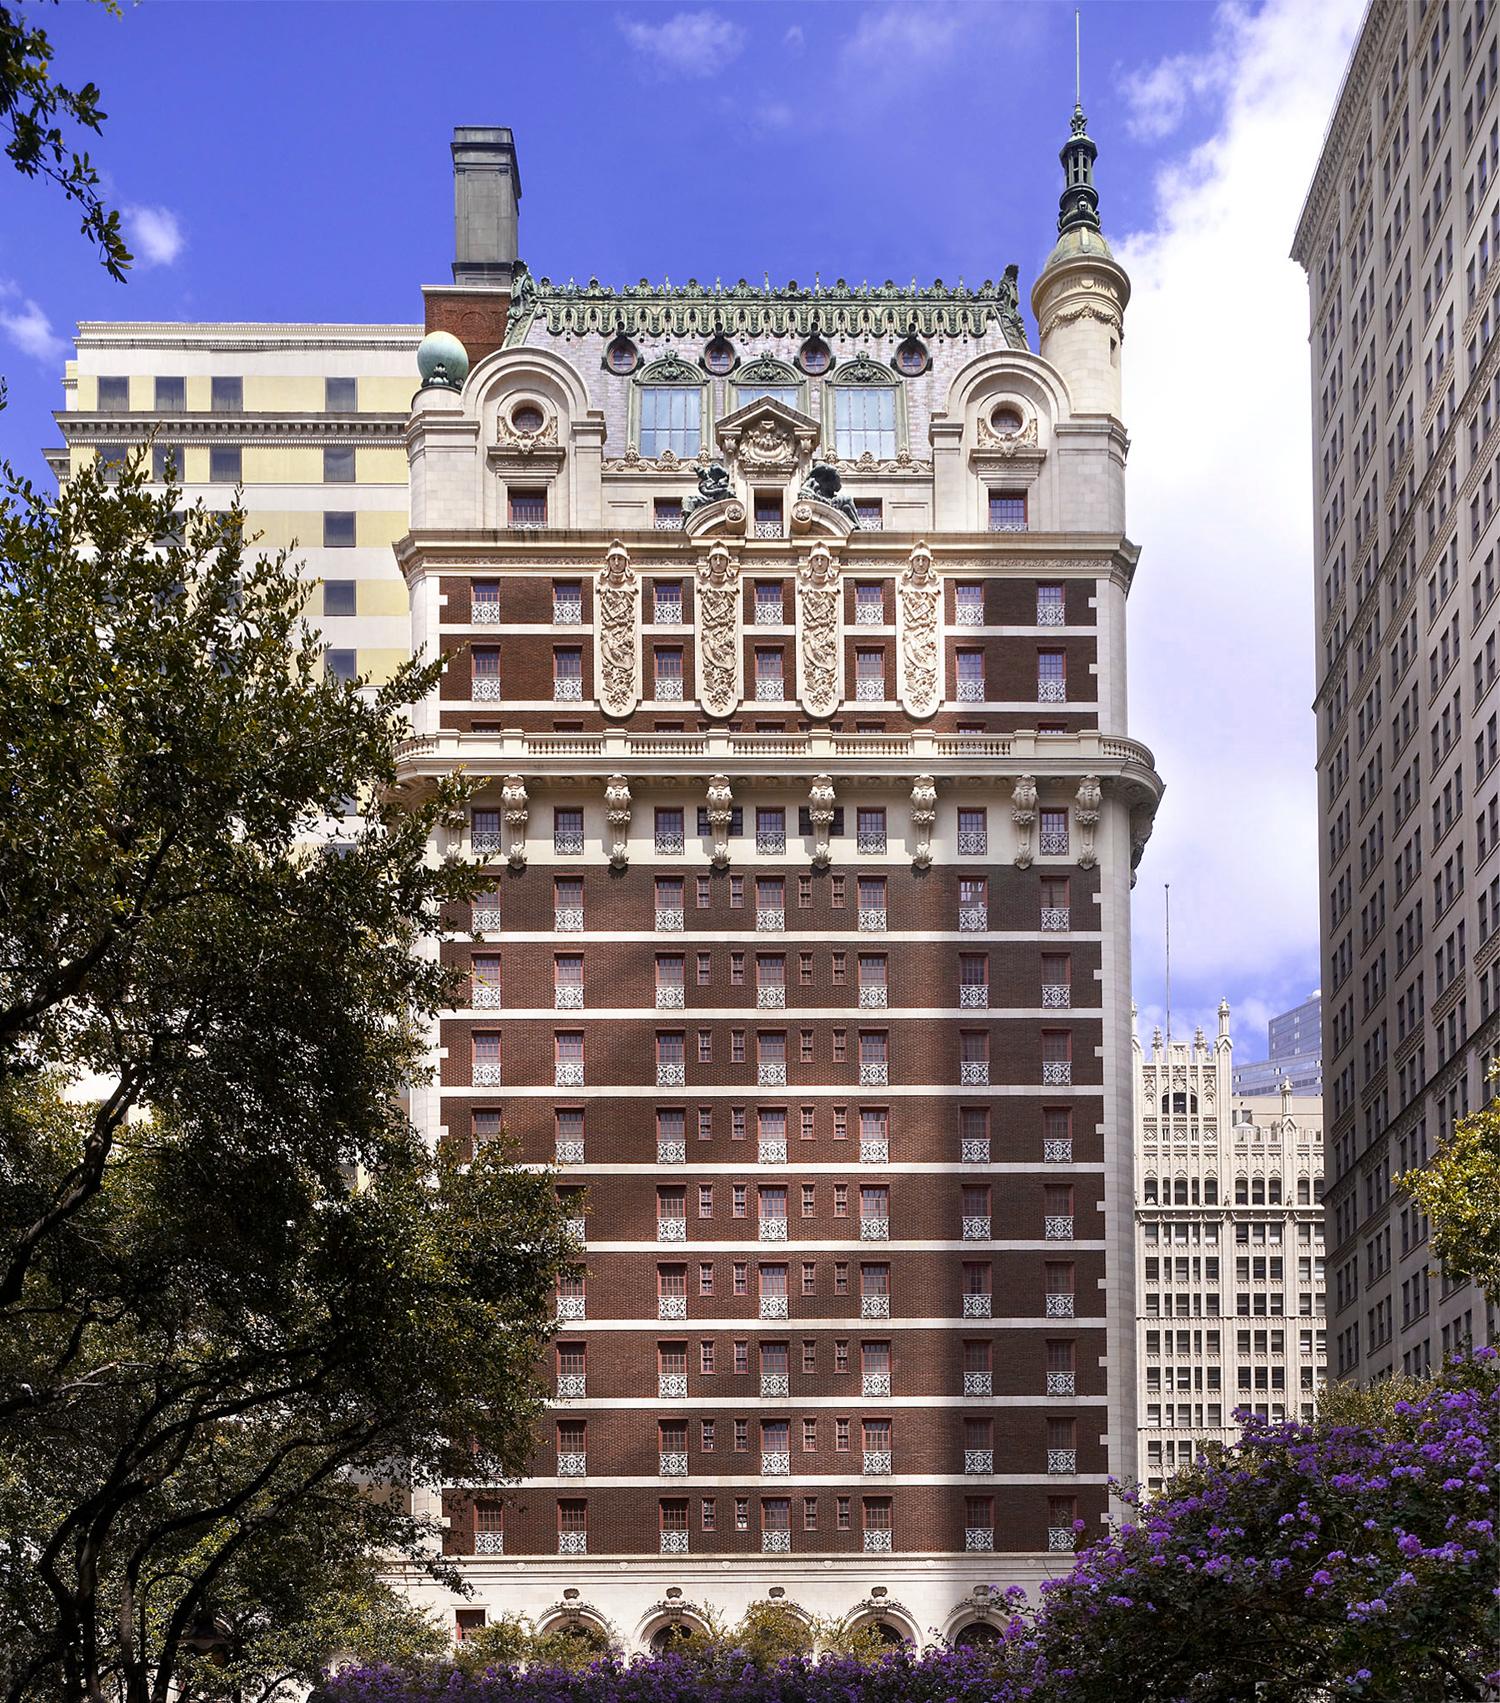 Adolphus Hotel